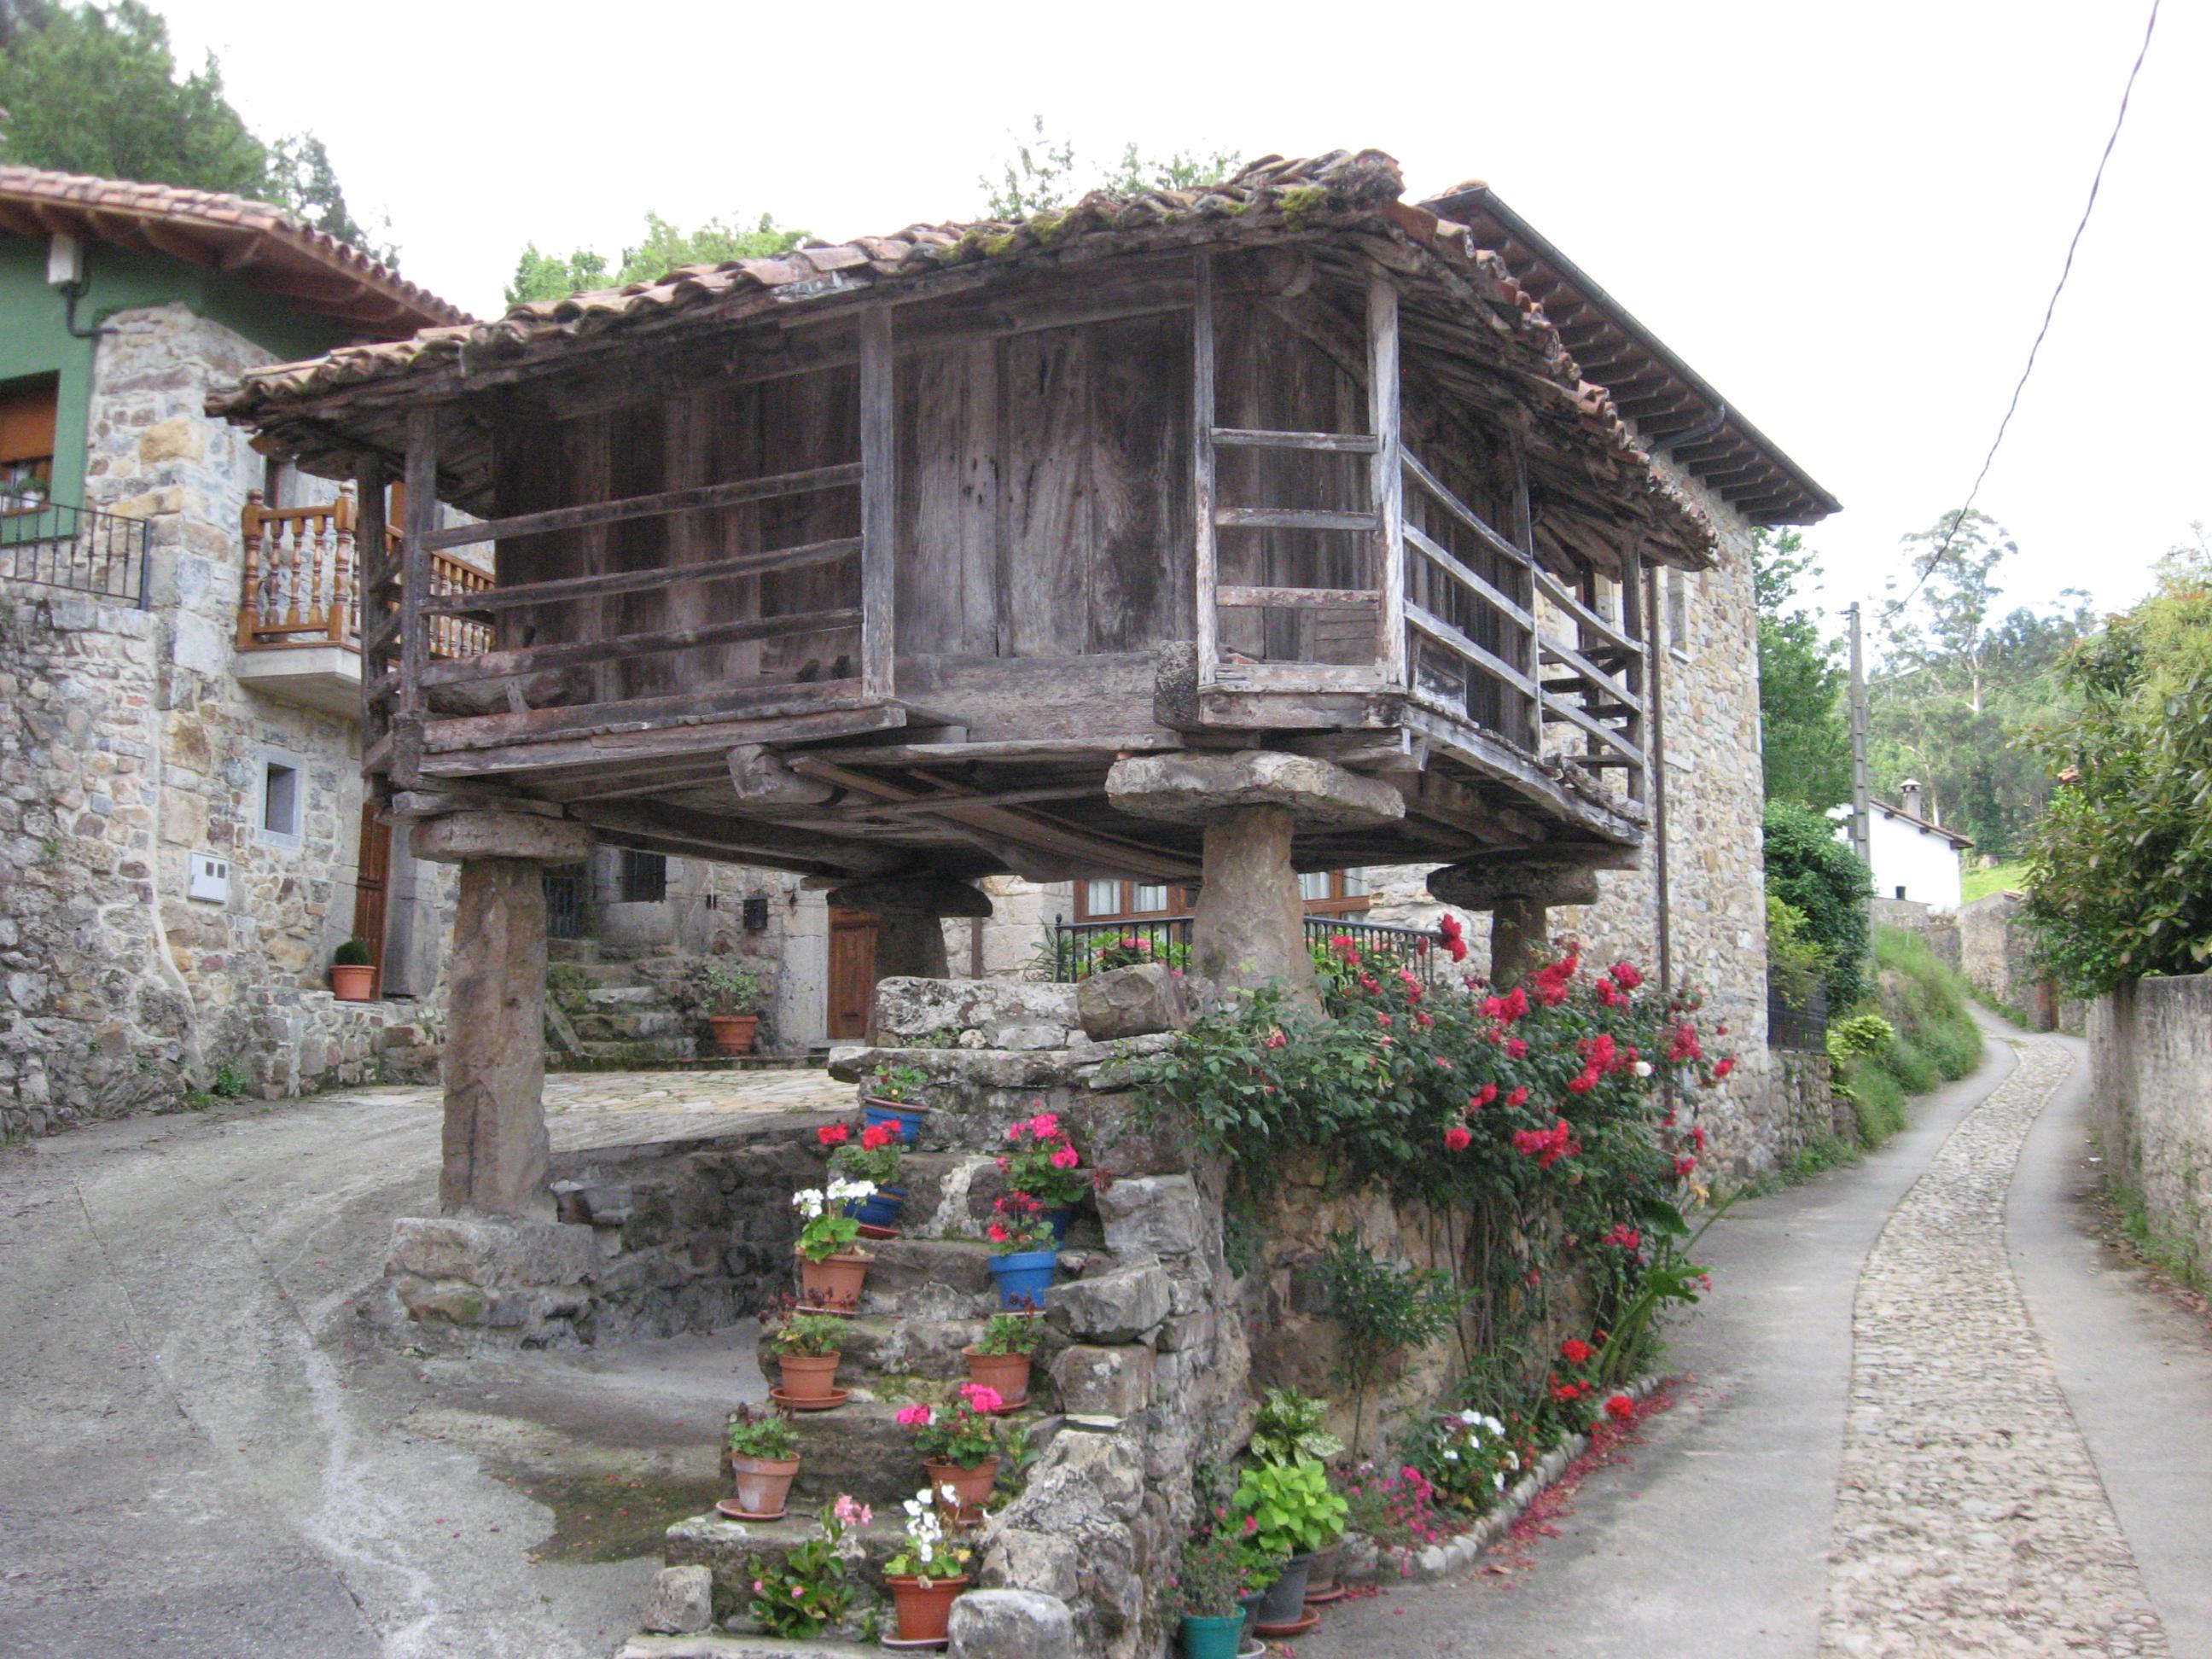 Gian paolo margonari 1700 km a piedi in 49 giorni - Agibilita casa vecchia ...